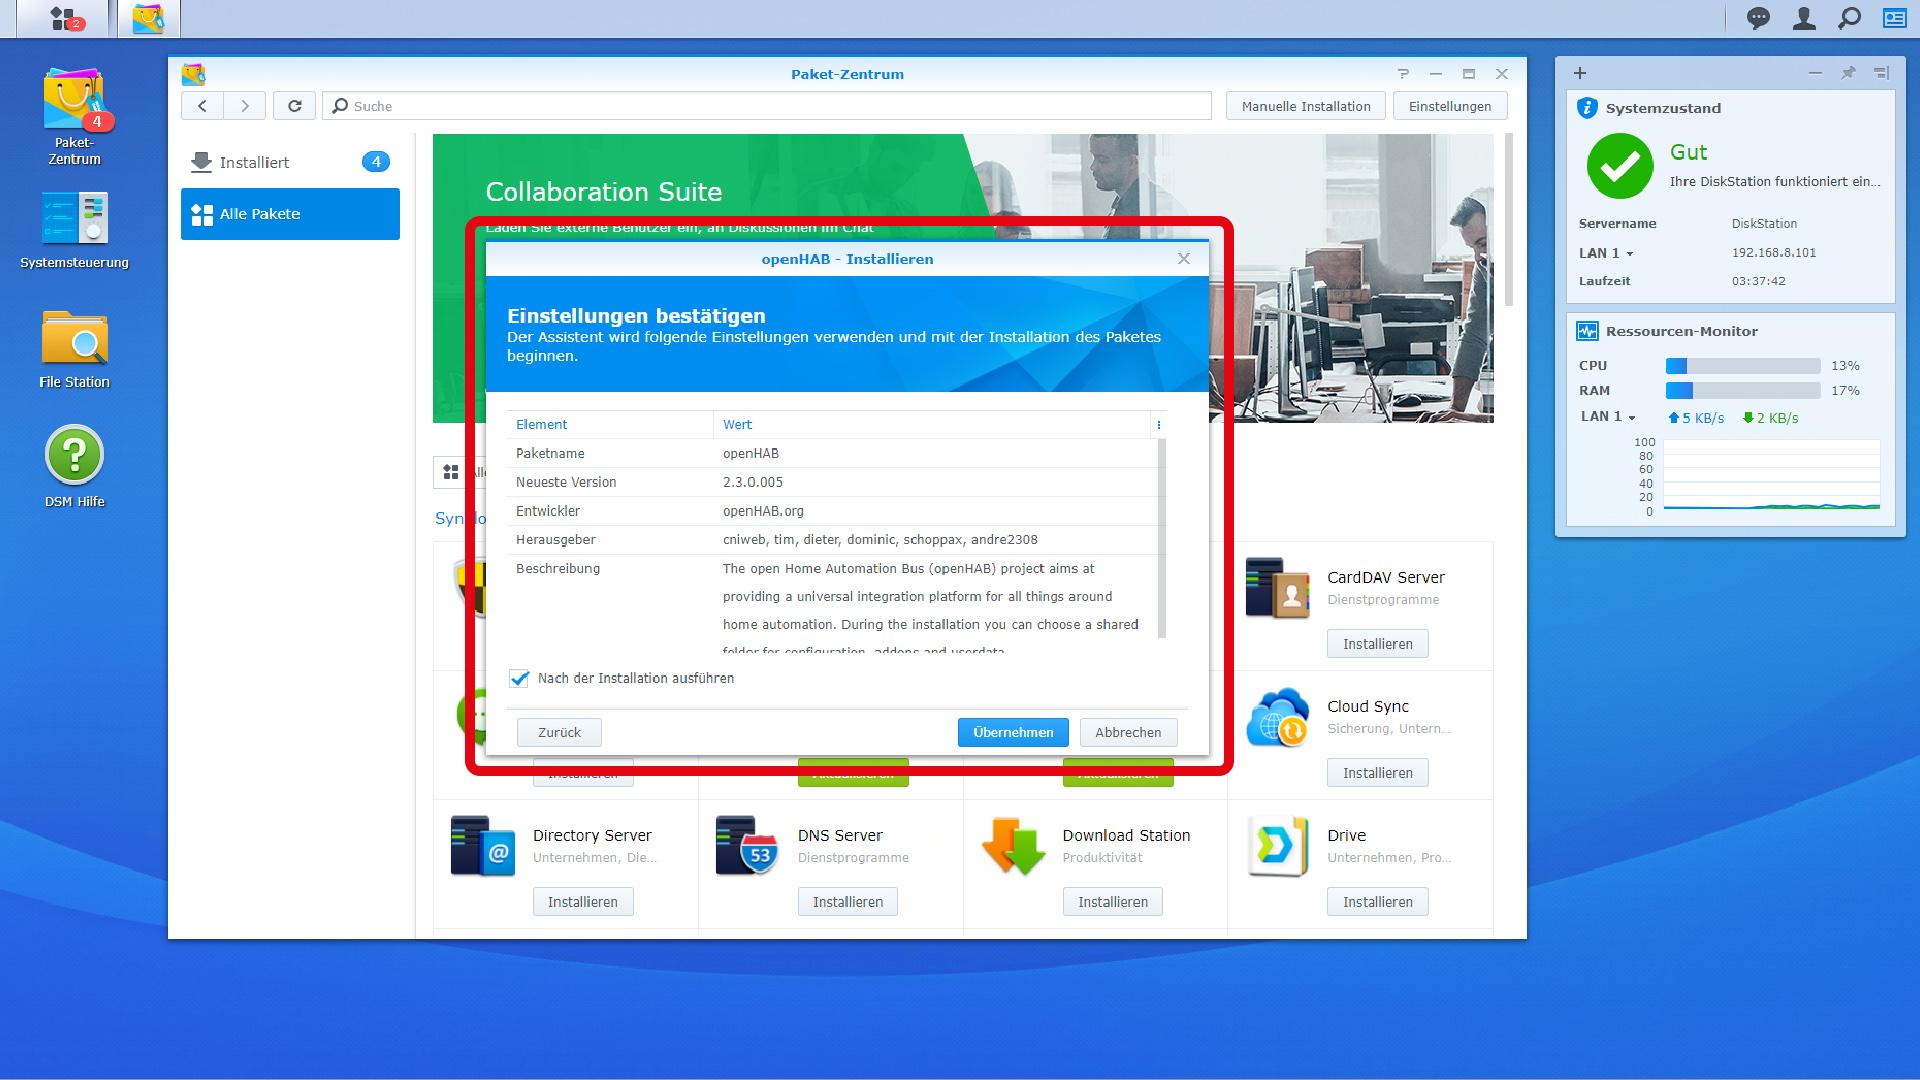 DigitaleWelt openHAB 2 - DiskStation Einstellungen übernehmen